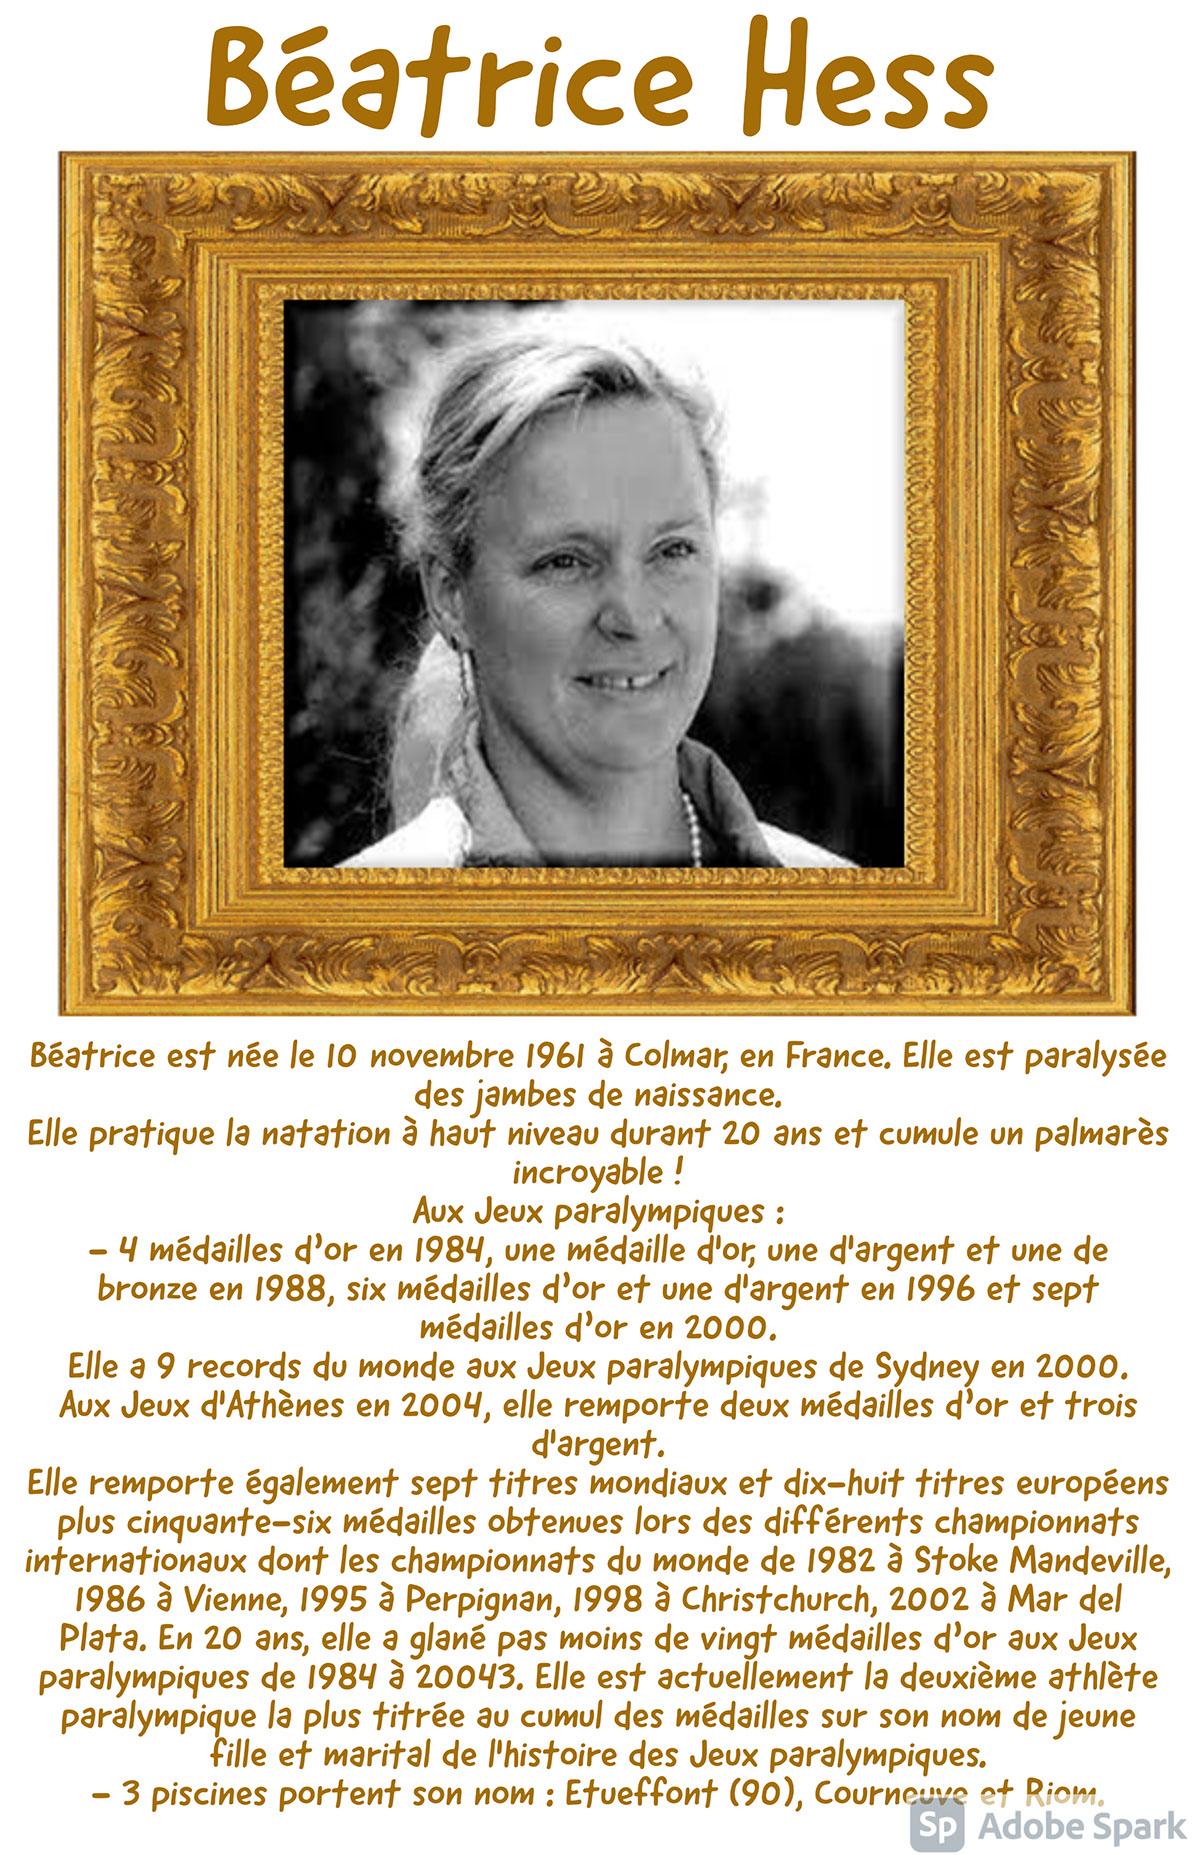 Béatrice Hess Béatrice Hess Béatrice est née le 10 novembre 1961 à Colmar, en France. Elle est paralysée des jambes de naissance. Elle pratique la natation à haut niveau durant 20 ans et cumule un palmarès incroyable ! Aux Jeux paralympiques : - 4 médailles d'or en 1984, une médaille d'or, une d'argent et une de bronze en 1988, six médailles d'or et une d'argent en 1996 et sept médailles d'or en 2000. Elle a 9 records du monde aux Jeux paralympiques de Sydney en 2000. Aux Jeux d'Athènes en 2004, elle remporte deux médailles d'or et trois d'argent. Elle remporte également sept titres mondiaux et dix-huit titres européens plus cinquante-six médailles obtenues lors des différents championnats internationaux dont les championnats du monde de 1982 à Stoke Mandeville, 1986 à Vienne, 1995 à Perpignan, 1998 à Christchurch, 2002 à Mar del Plata. En 20 ans, elle a glané pas moins de vingt médailles d'or aux Jeux paralympiques de 1984 à 20043. Elle est actuellement la deuxième athlète paralympique la plus titrée au cumul des médailles sur son nom de jeune fille et marital de l'histoire des Jeux paralympiques. - 3 piscines portent son nom : Etueffont (90), Courneuve et Riom.